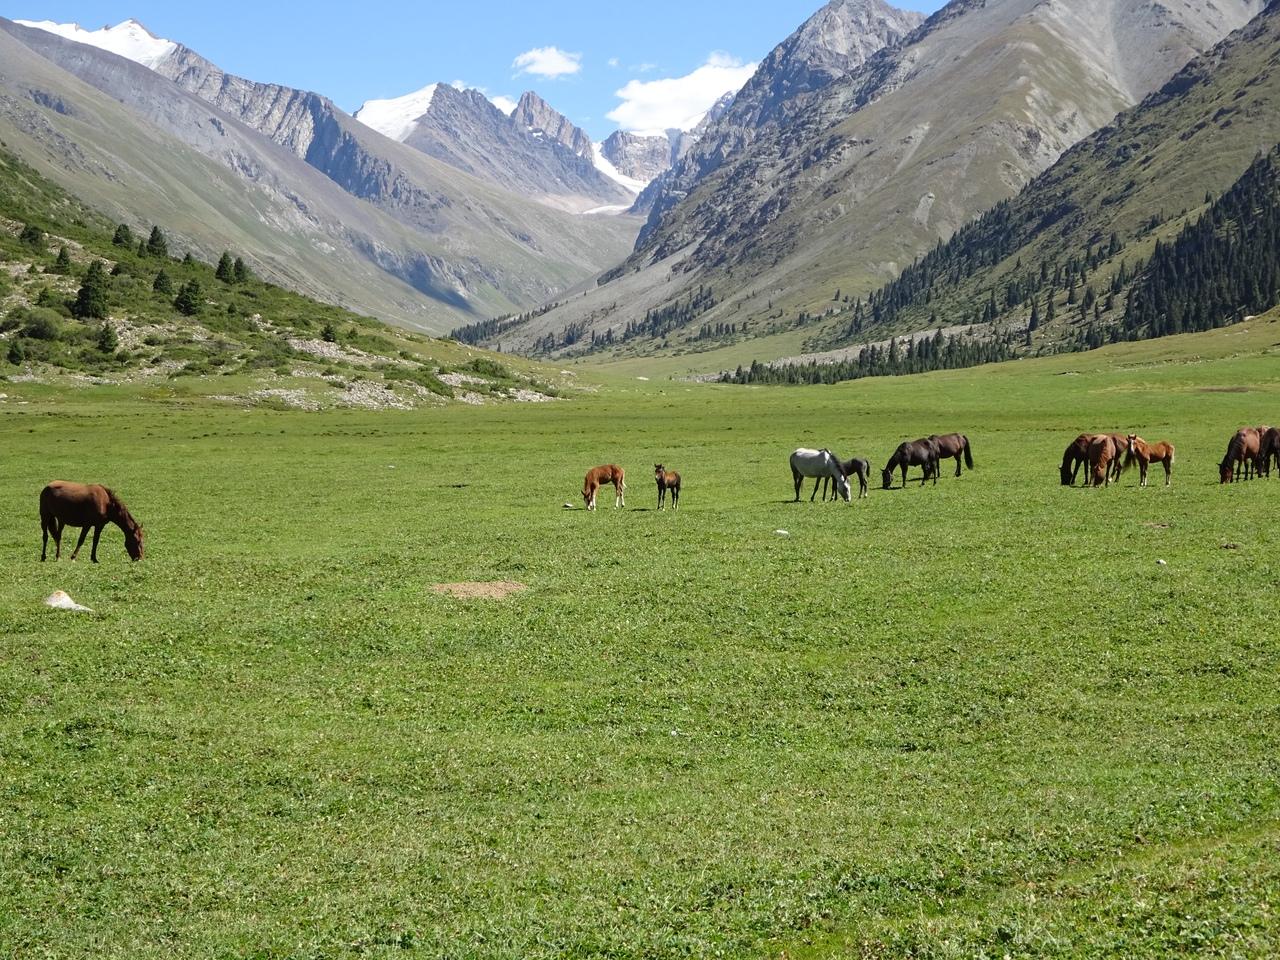 Долина Джууку-Чак. Здесь часто можно встретить пасущиеся табуны лошадей